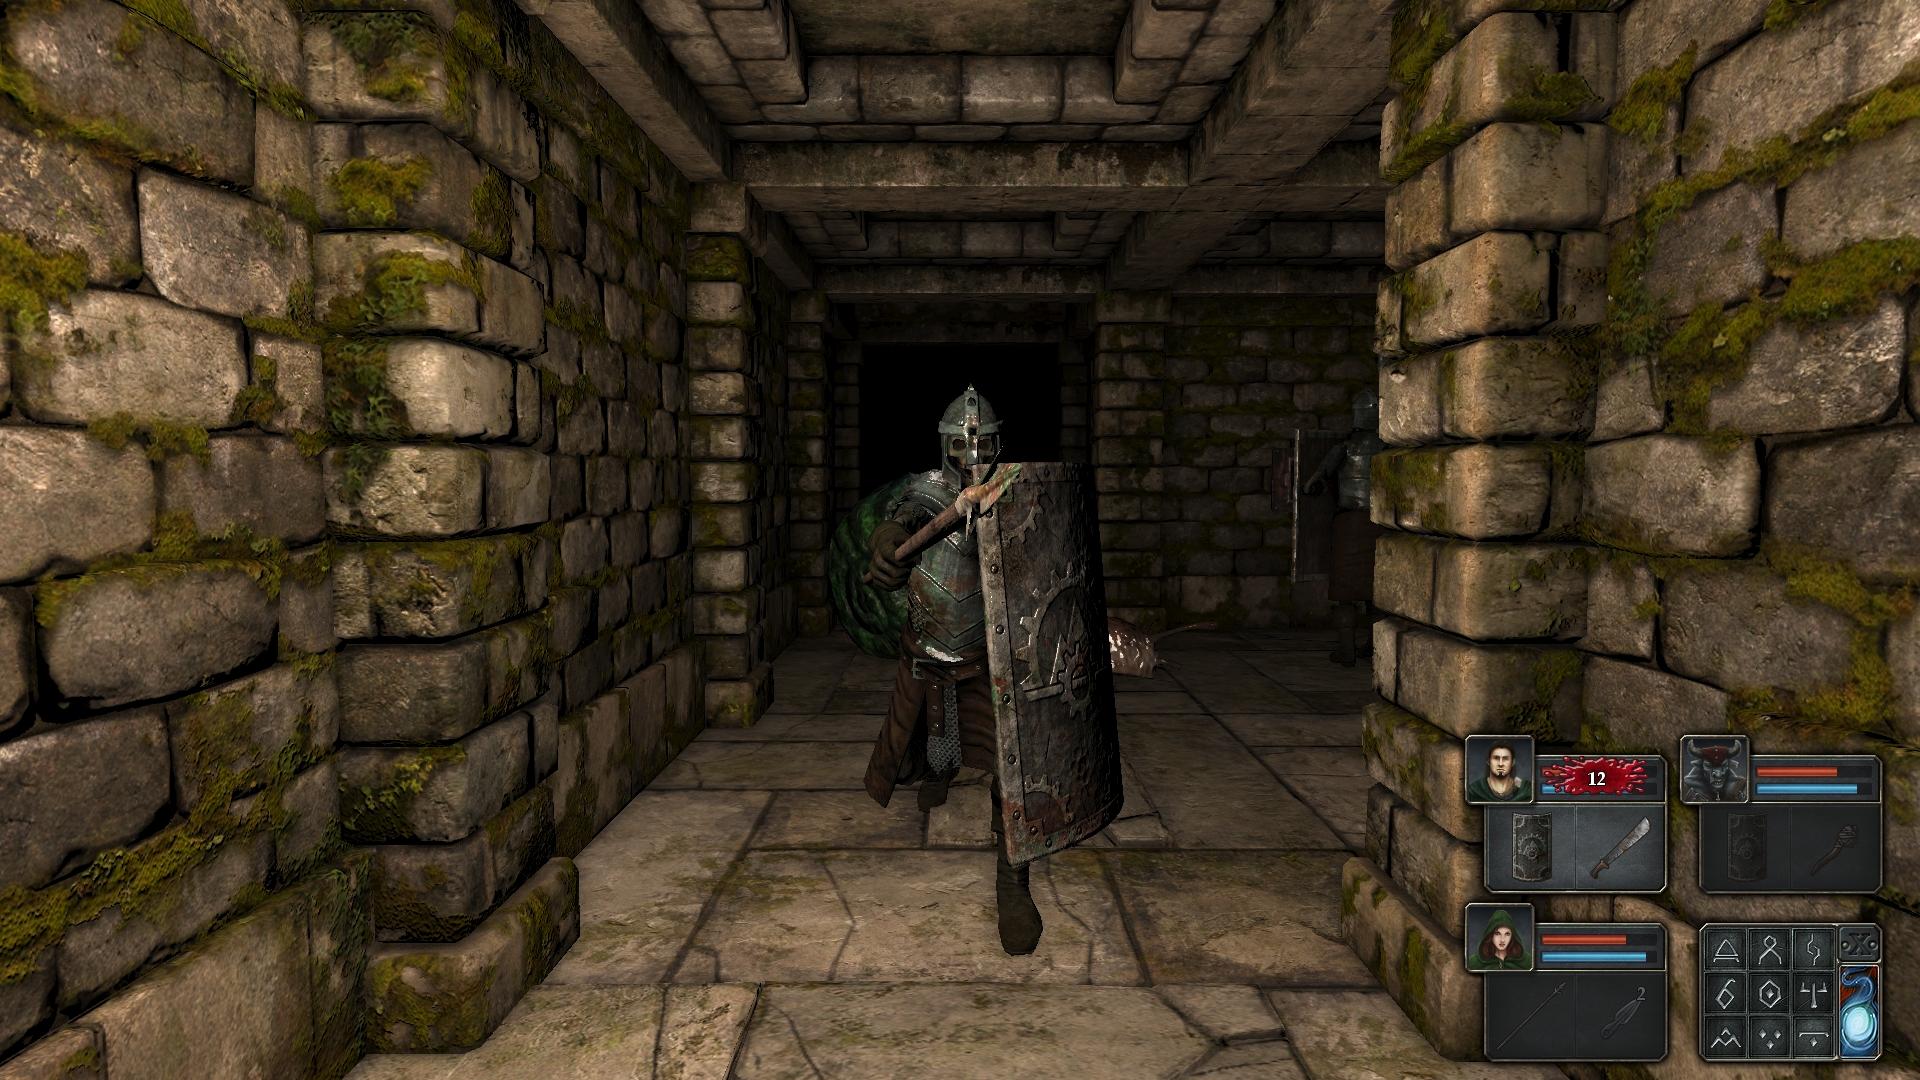 Von Dungeon Master zu Legend of Grimrock: Motivierend wie vor 25 Jahren